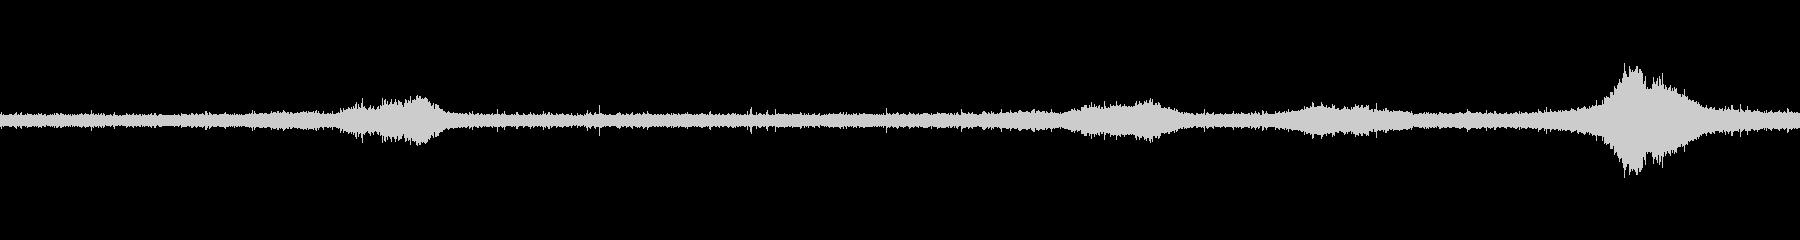 【生音】雨の日の通行音 - 5 雨 車…の未再生の波形